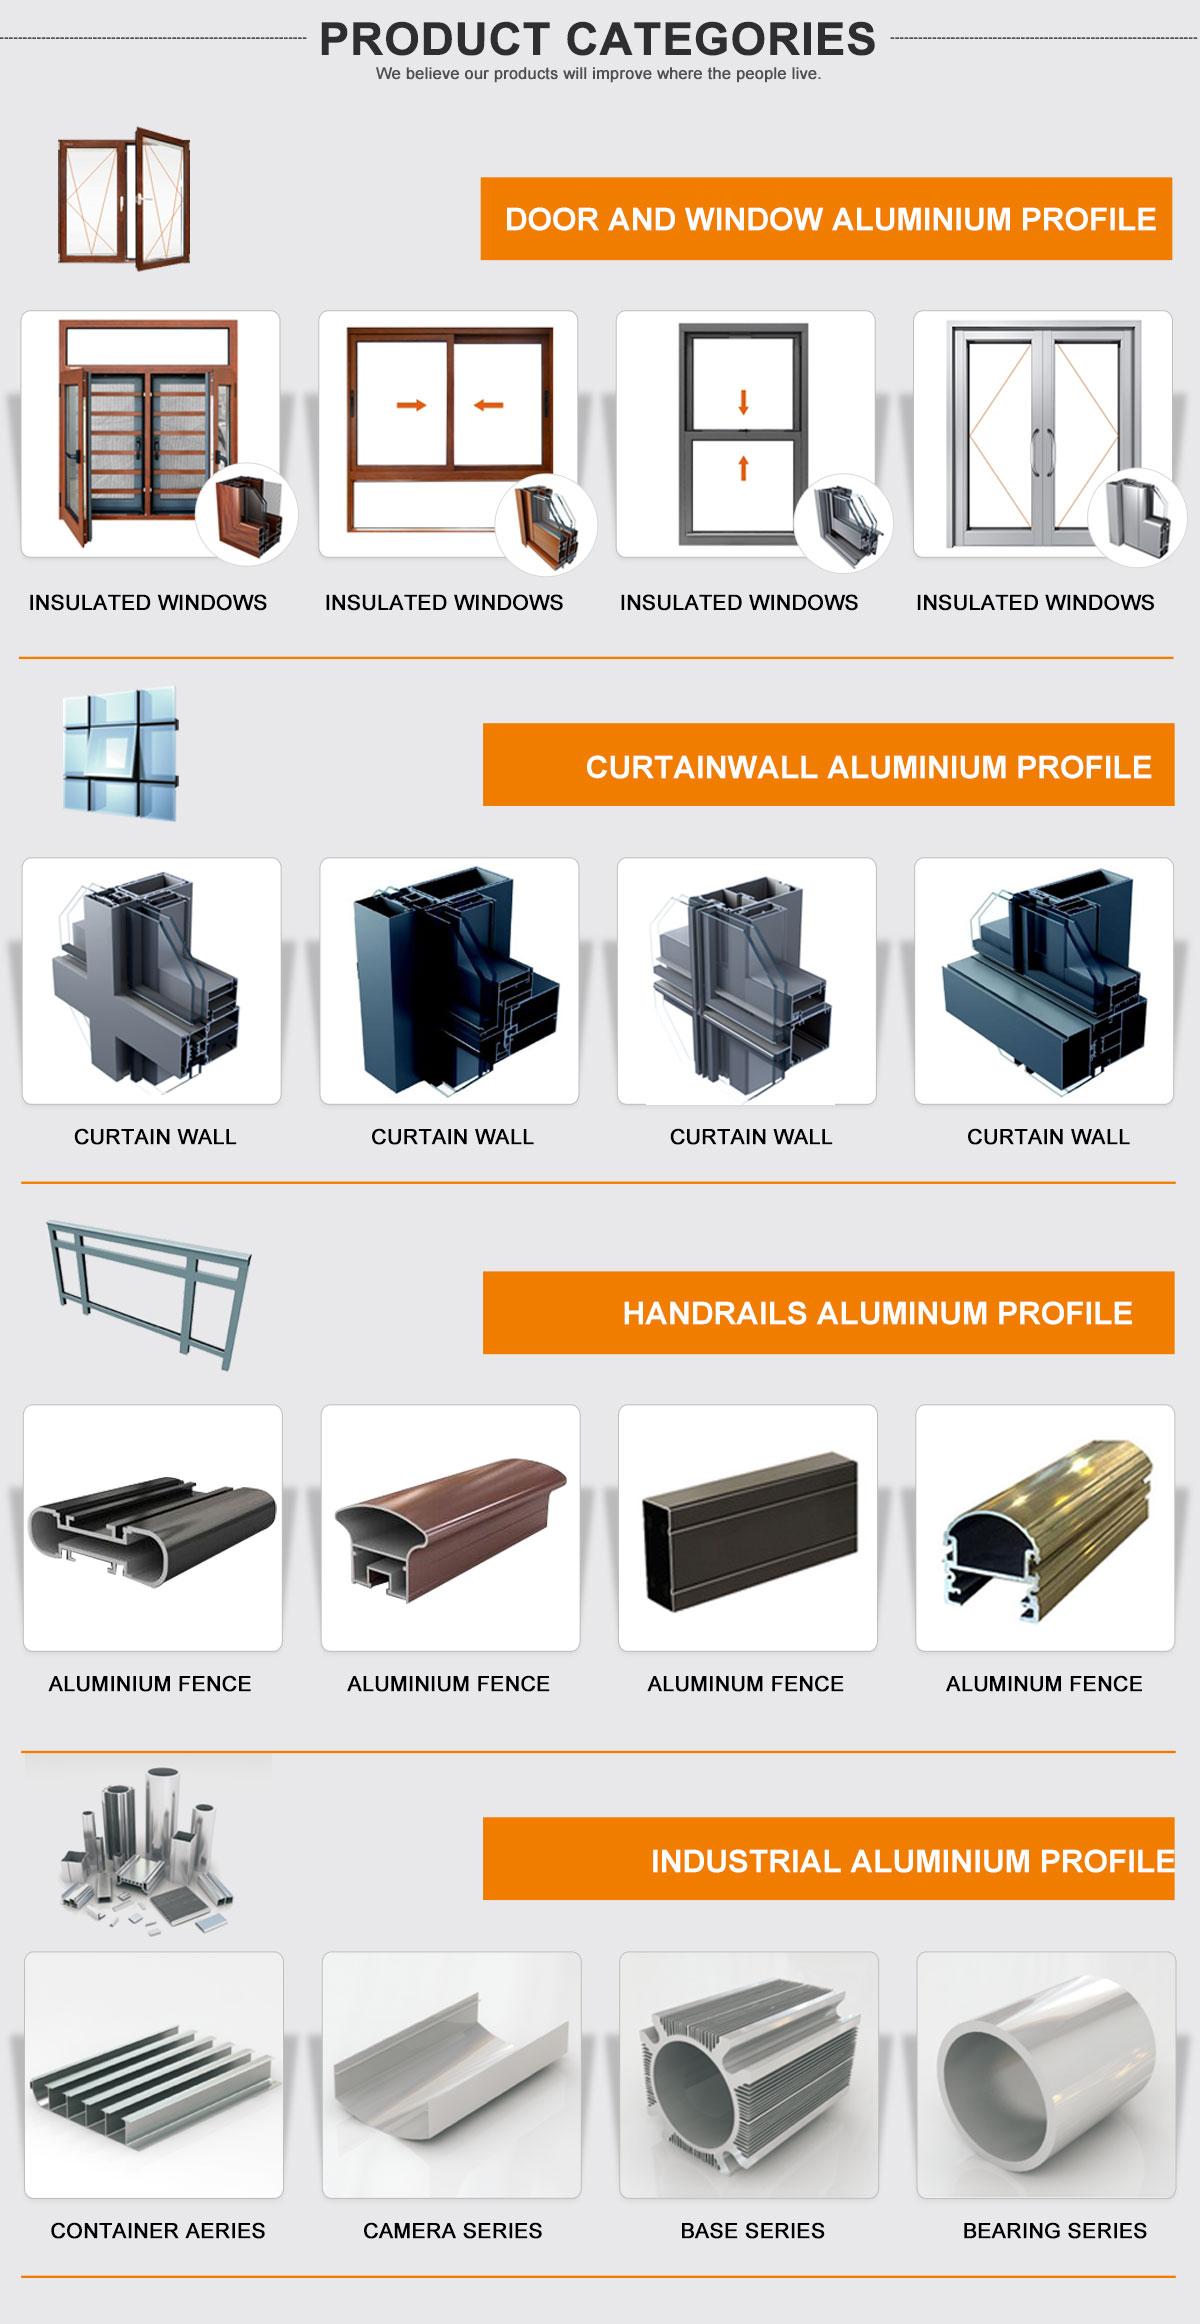 Wunderbar Aluminium Siebrahmen Bilder - Benutzerdefinierte ...